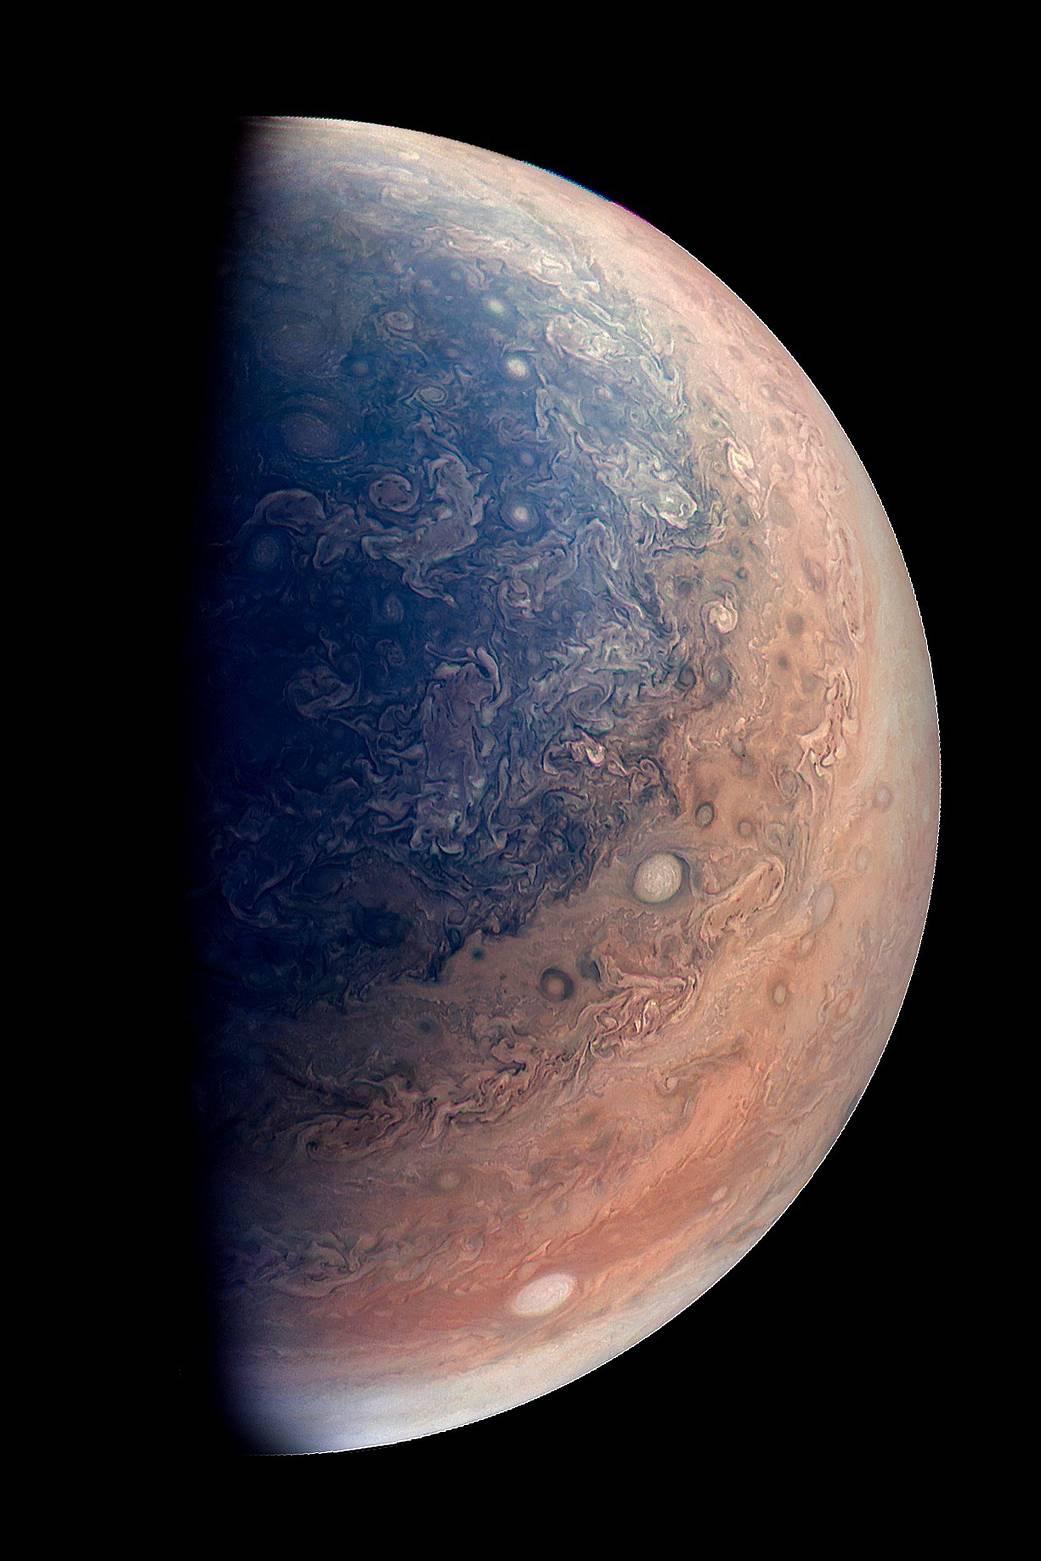 Zdjęcie Jowisza obrobione przezastronoma amatora - Gabriela Fiseta